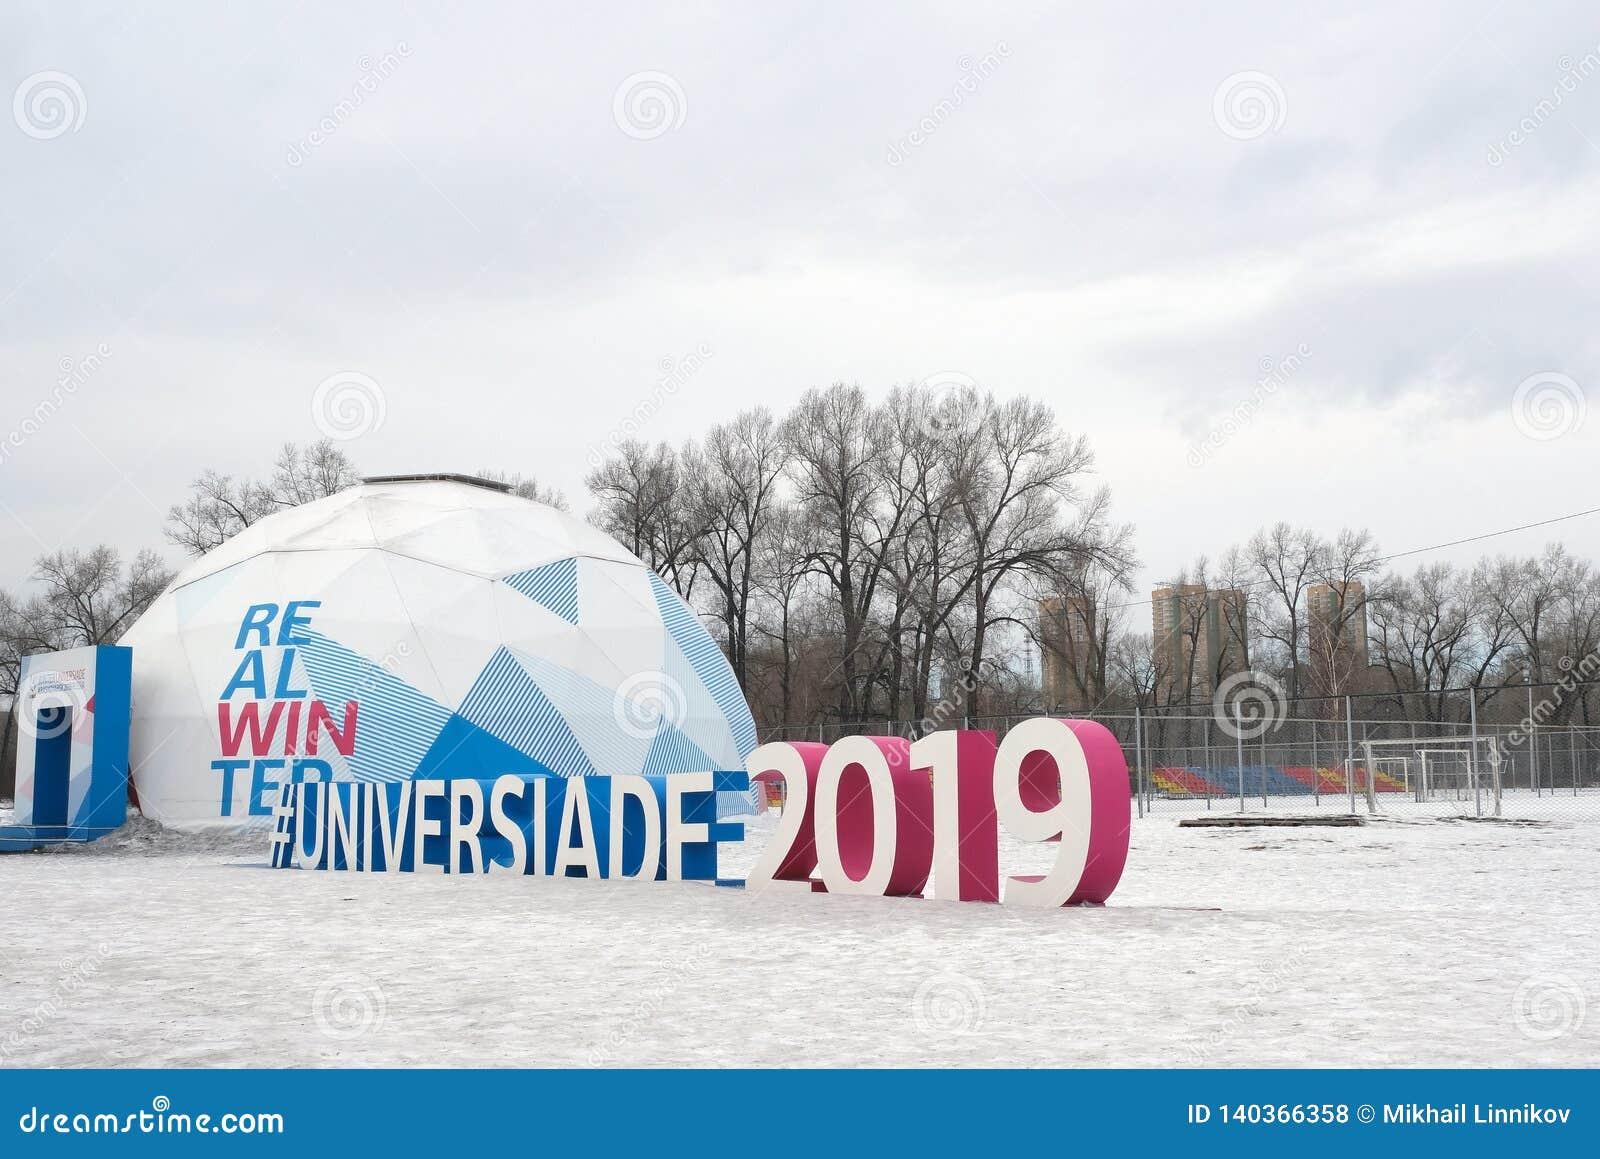 Krasnoyarsk, Rusia - 25 de enero de 2019: Invierno Universiadas 2019 objetos en Krasnoyarsk